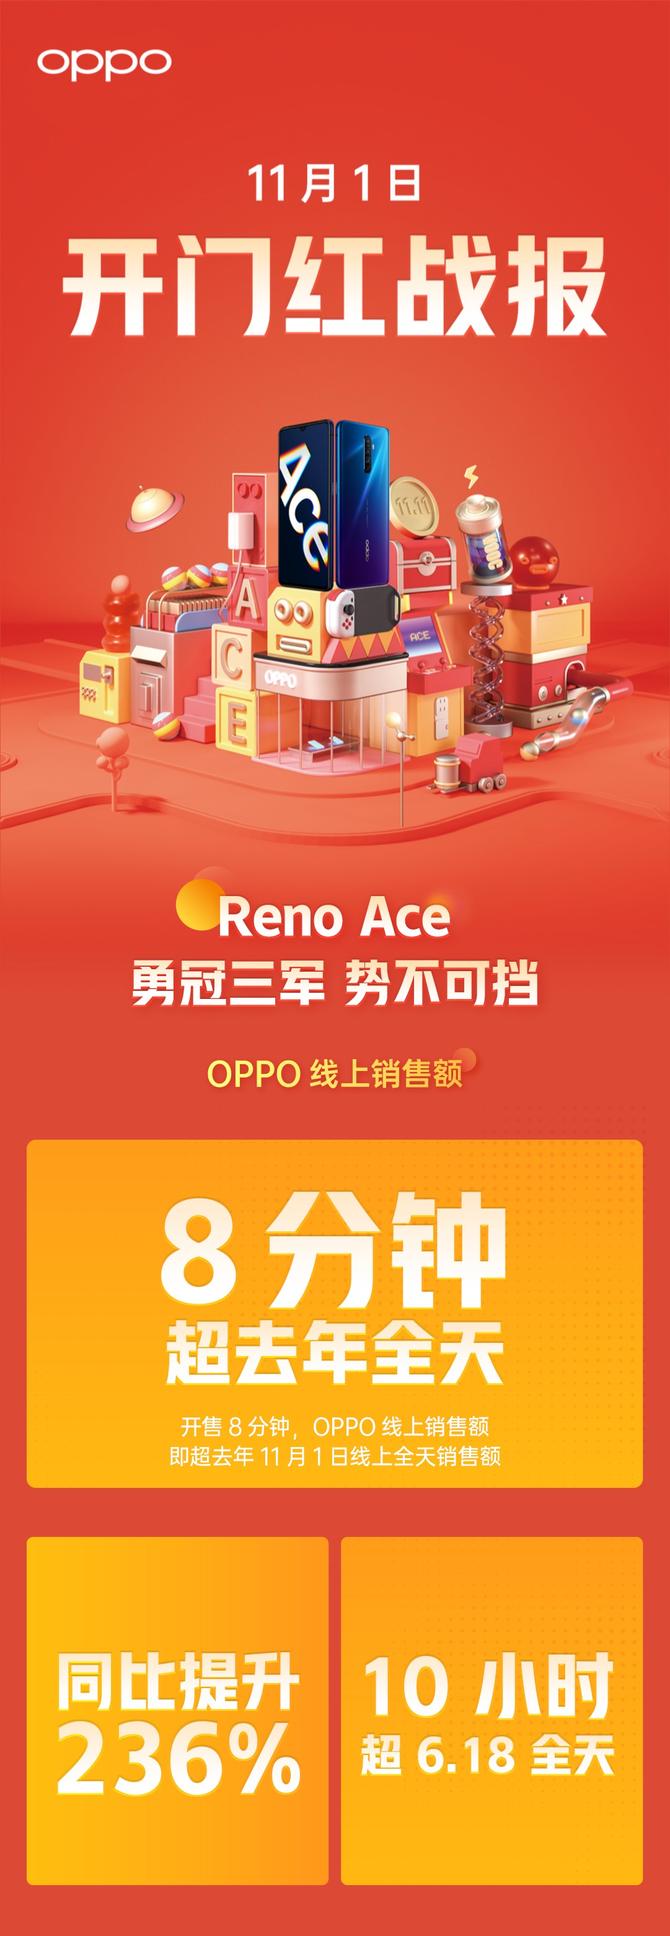 Reno Ace首销告捷,稳居电商平台2500-3500价位段冠军_销售额